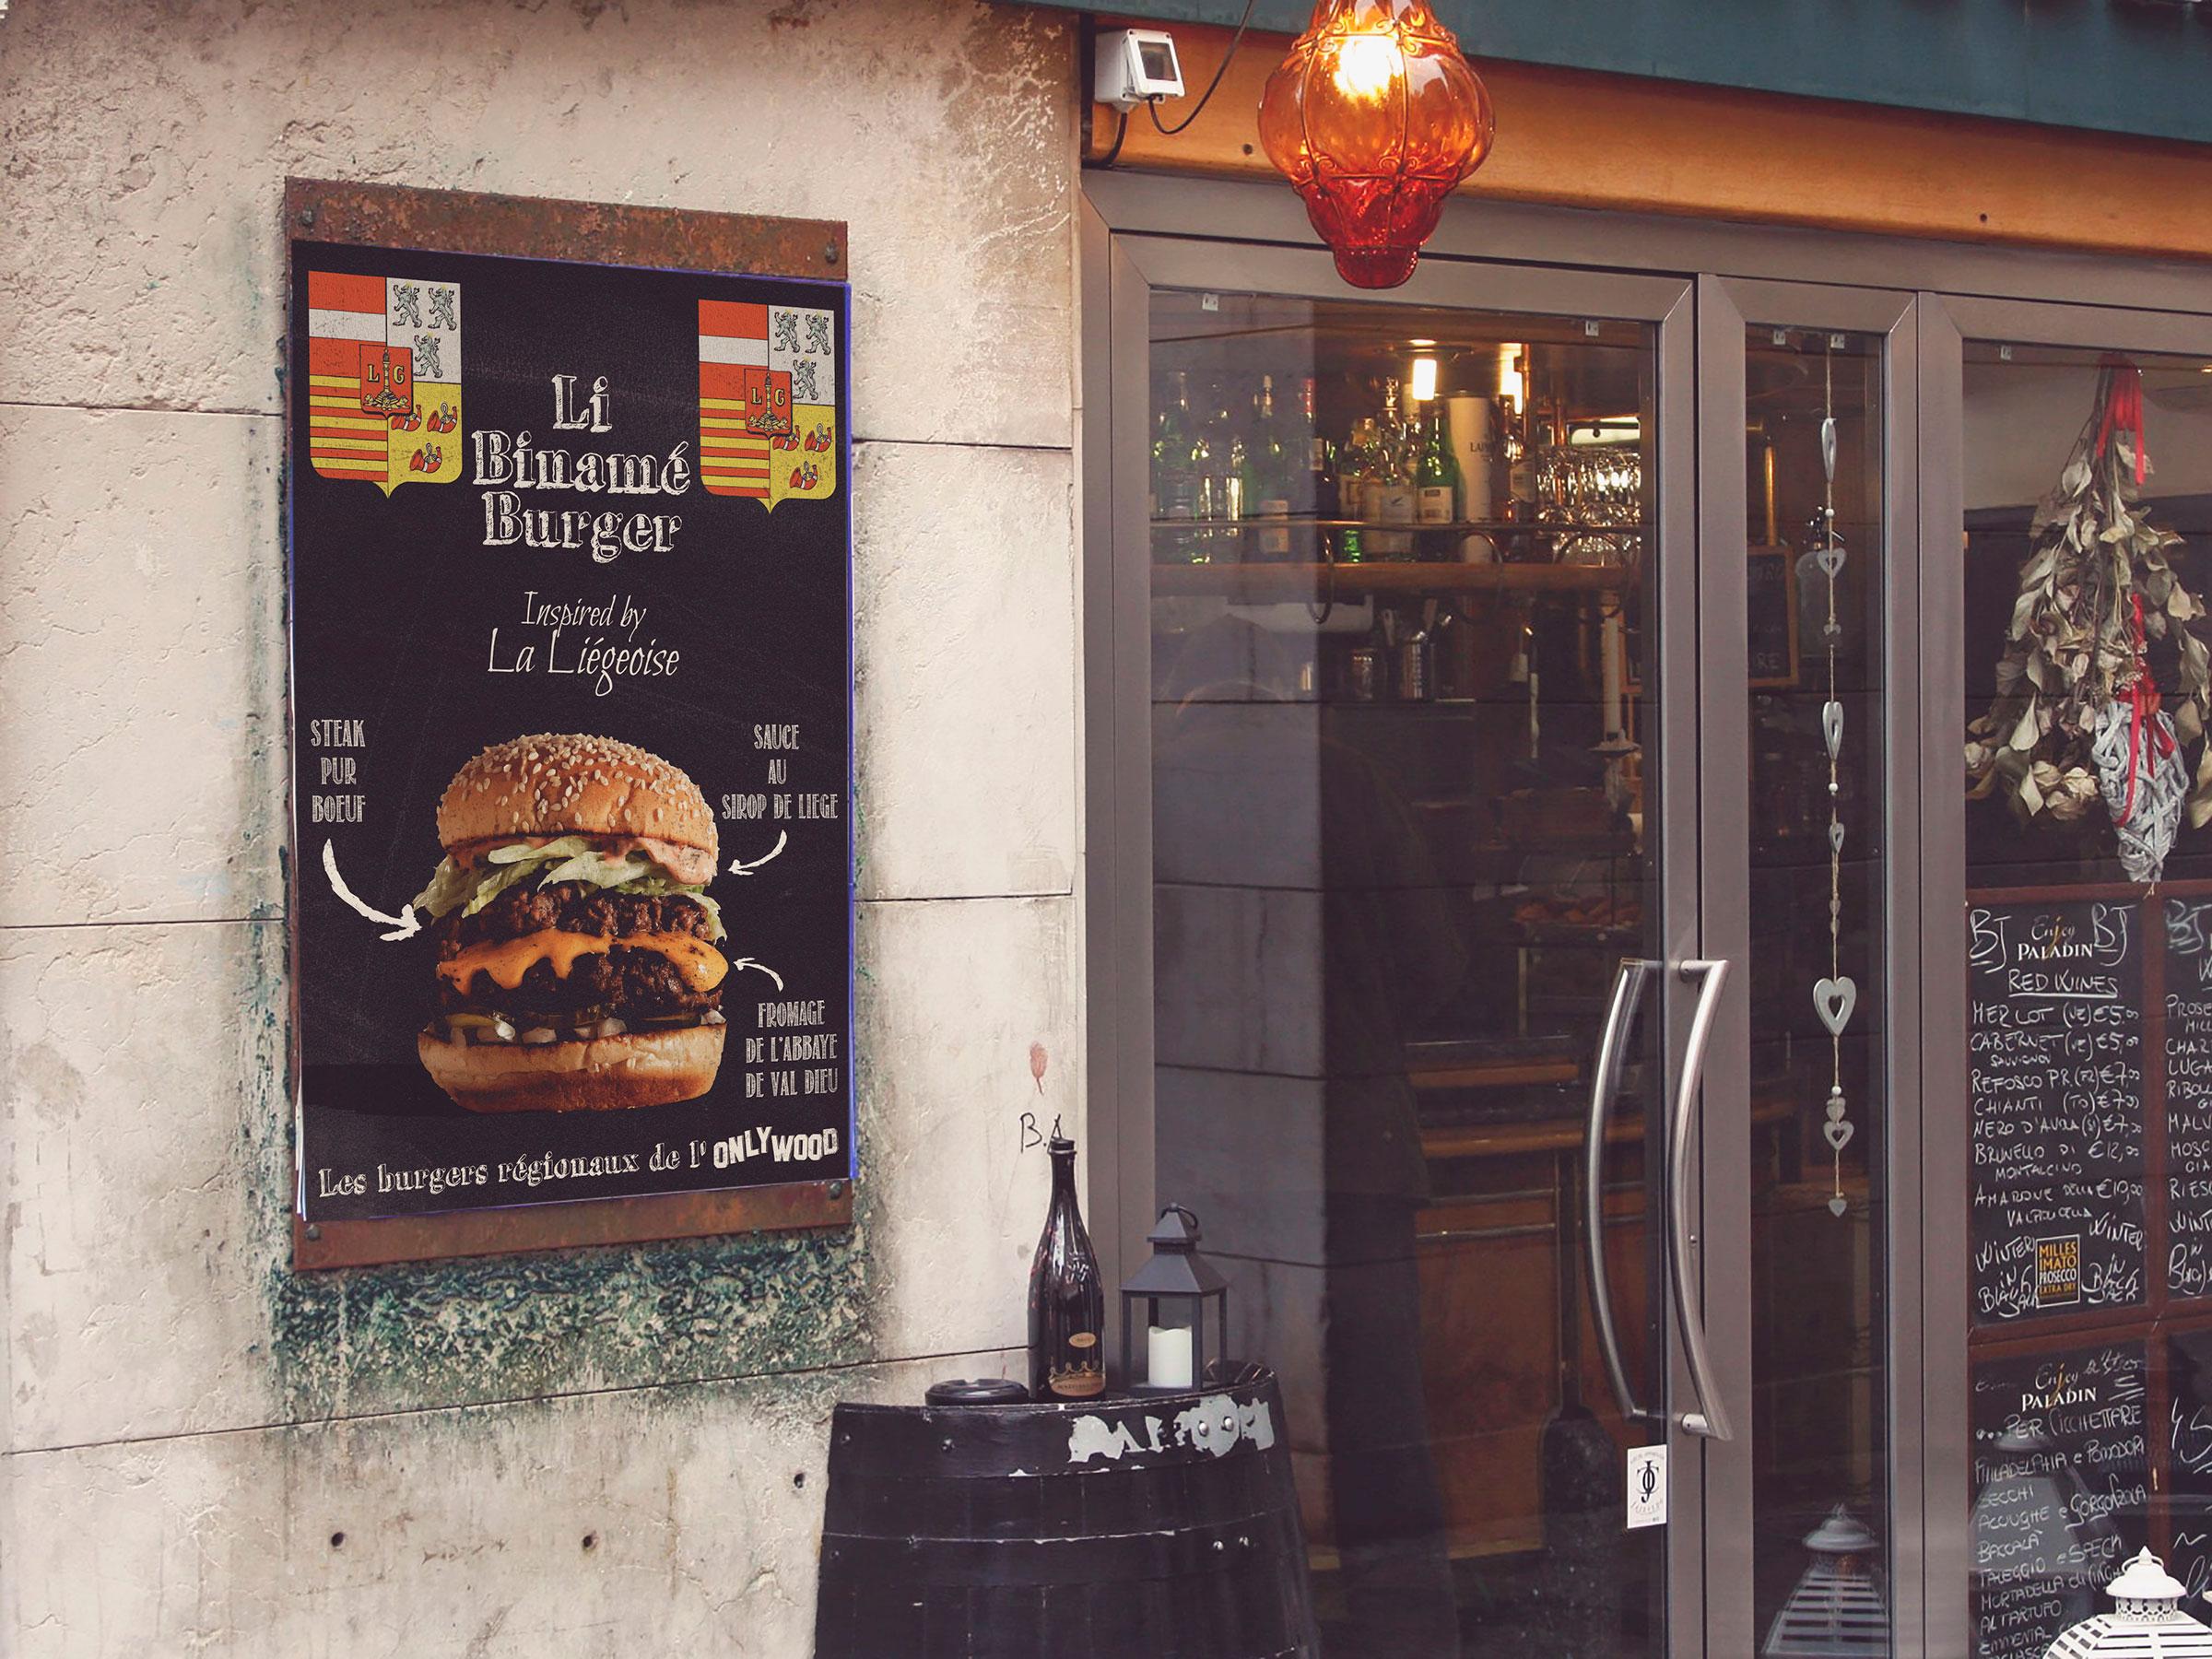 Affiche pour le Burger de la Liégeoise, à l'Onlywood